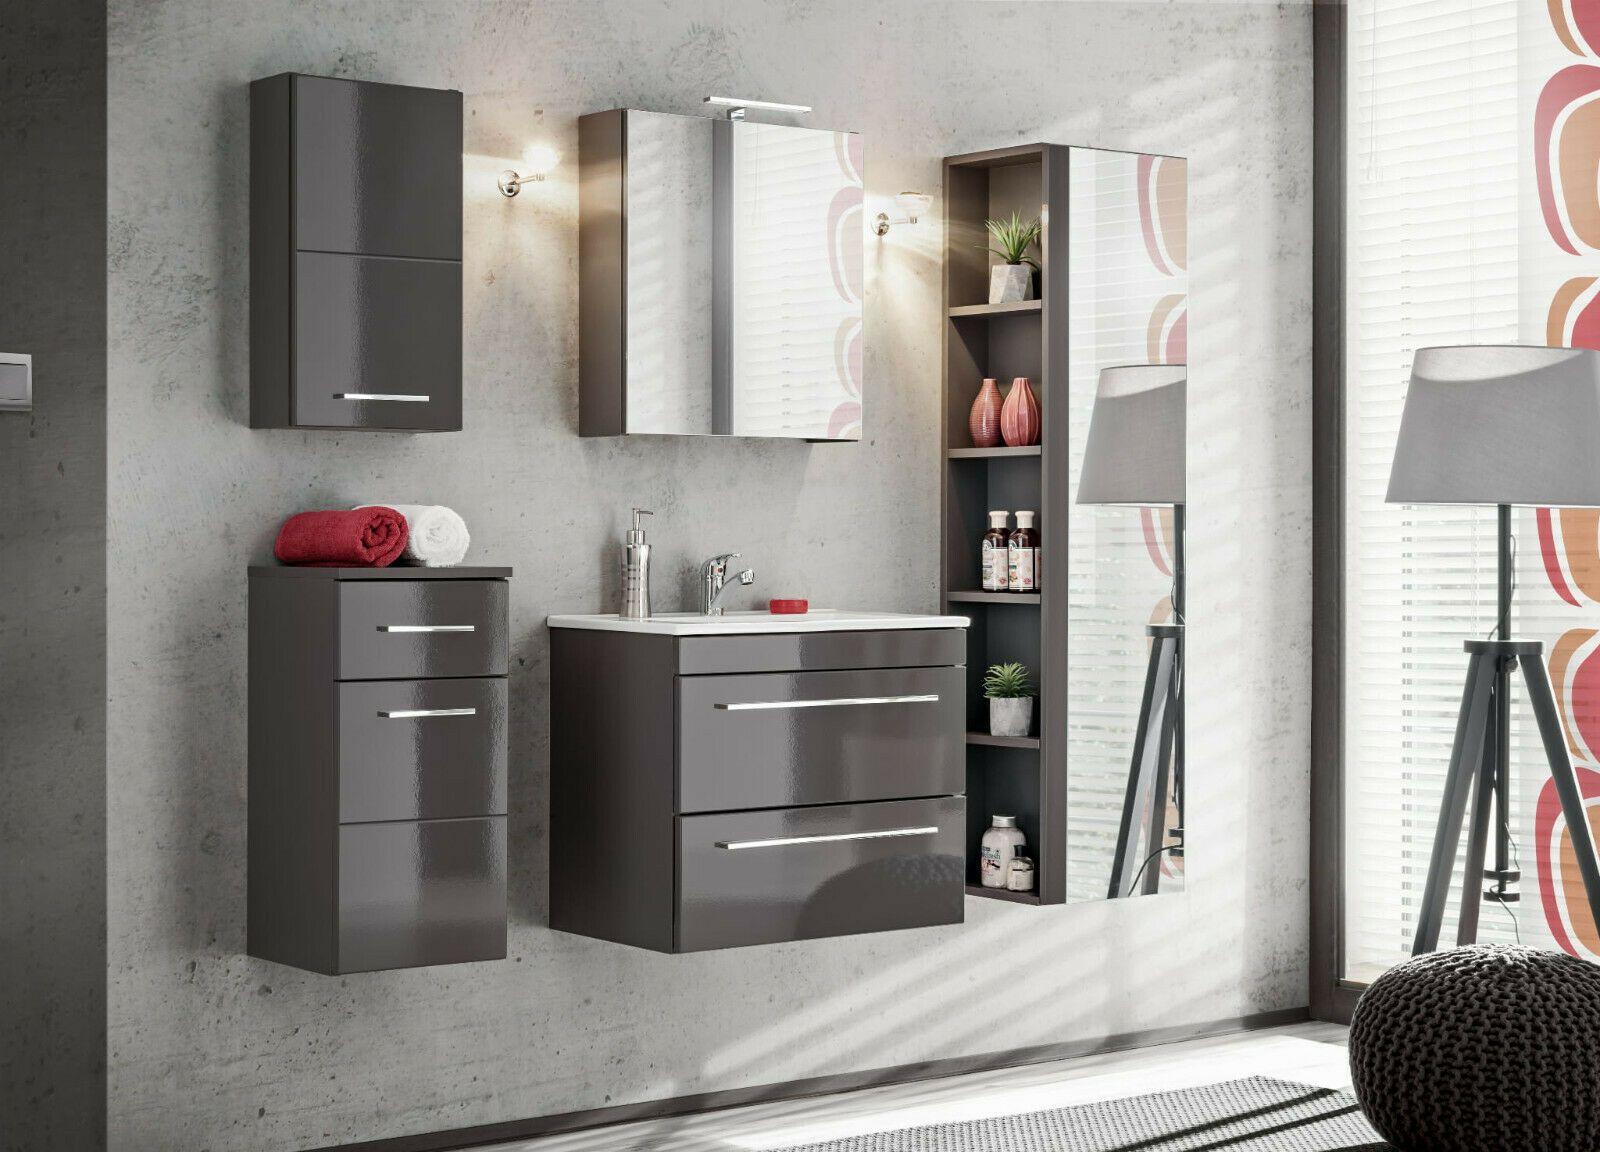 Badmobel Set Twist Grau 60 Badezimmer Spiegel Waschbecken Set 1 5 Hochschrank In 2020 Lagerschranke Modernes Badezimmer Waschbecken